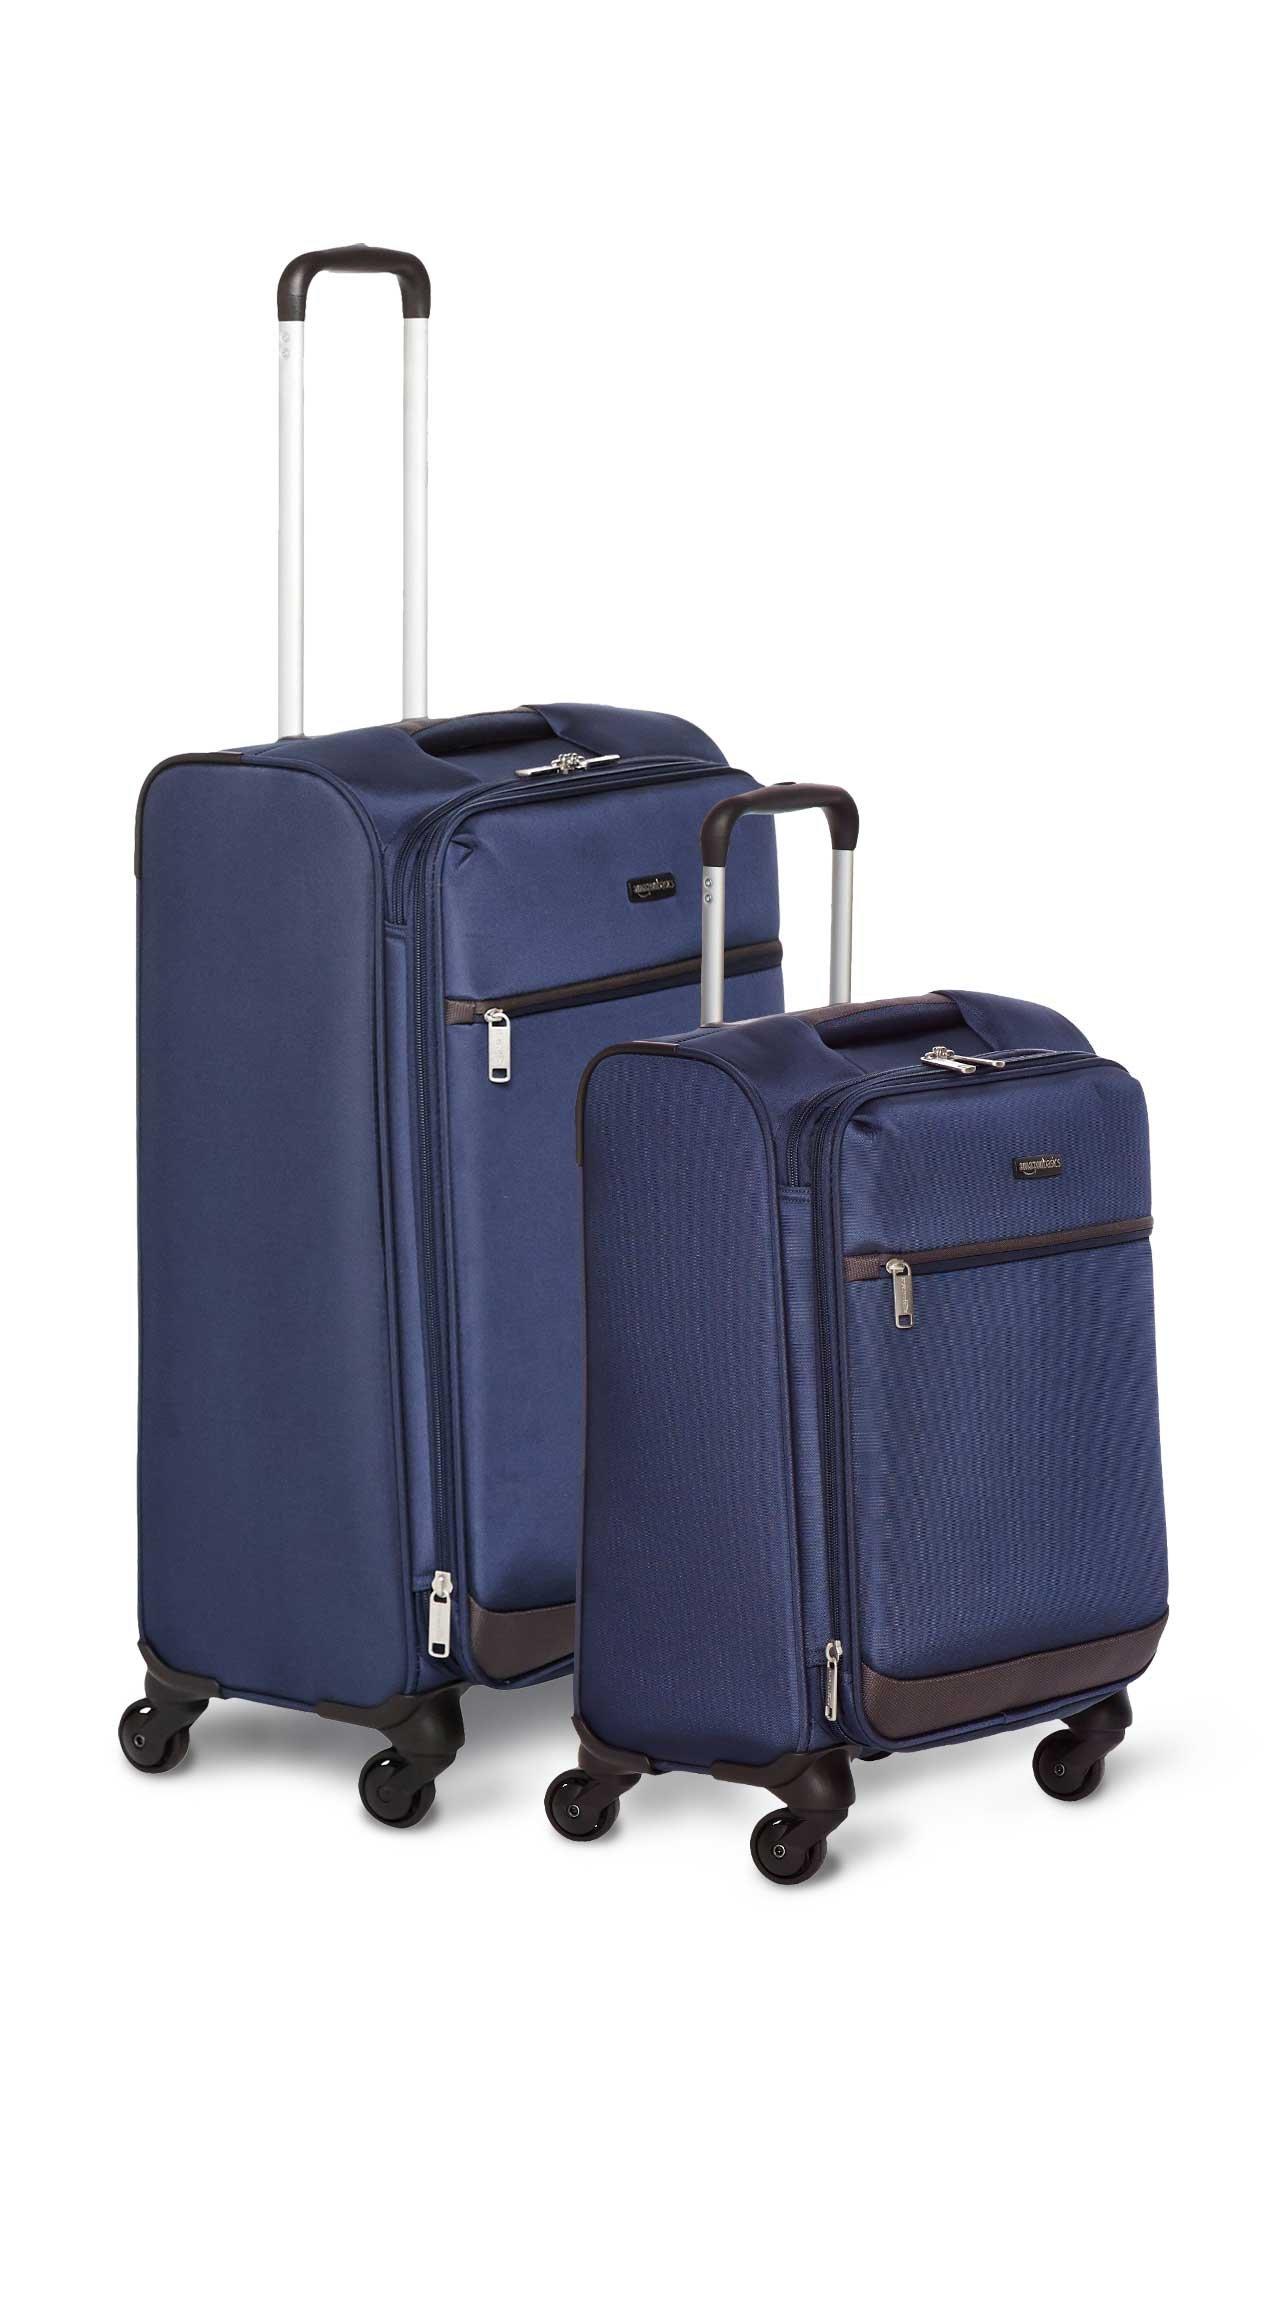 AmazonBasics Softside Spinner Luggage - 2 Piece Set (21'', 29''), Navy Blue